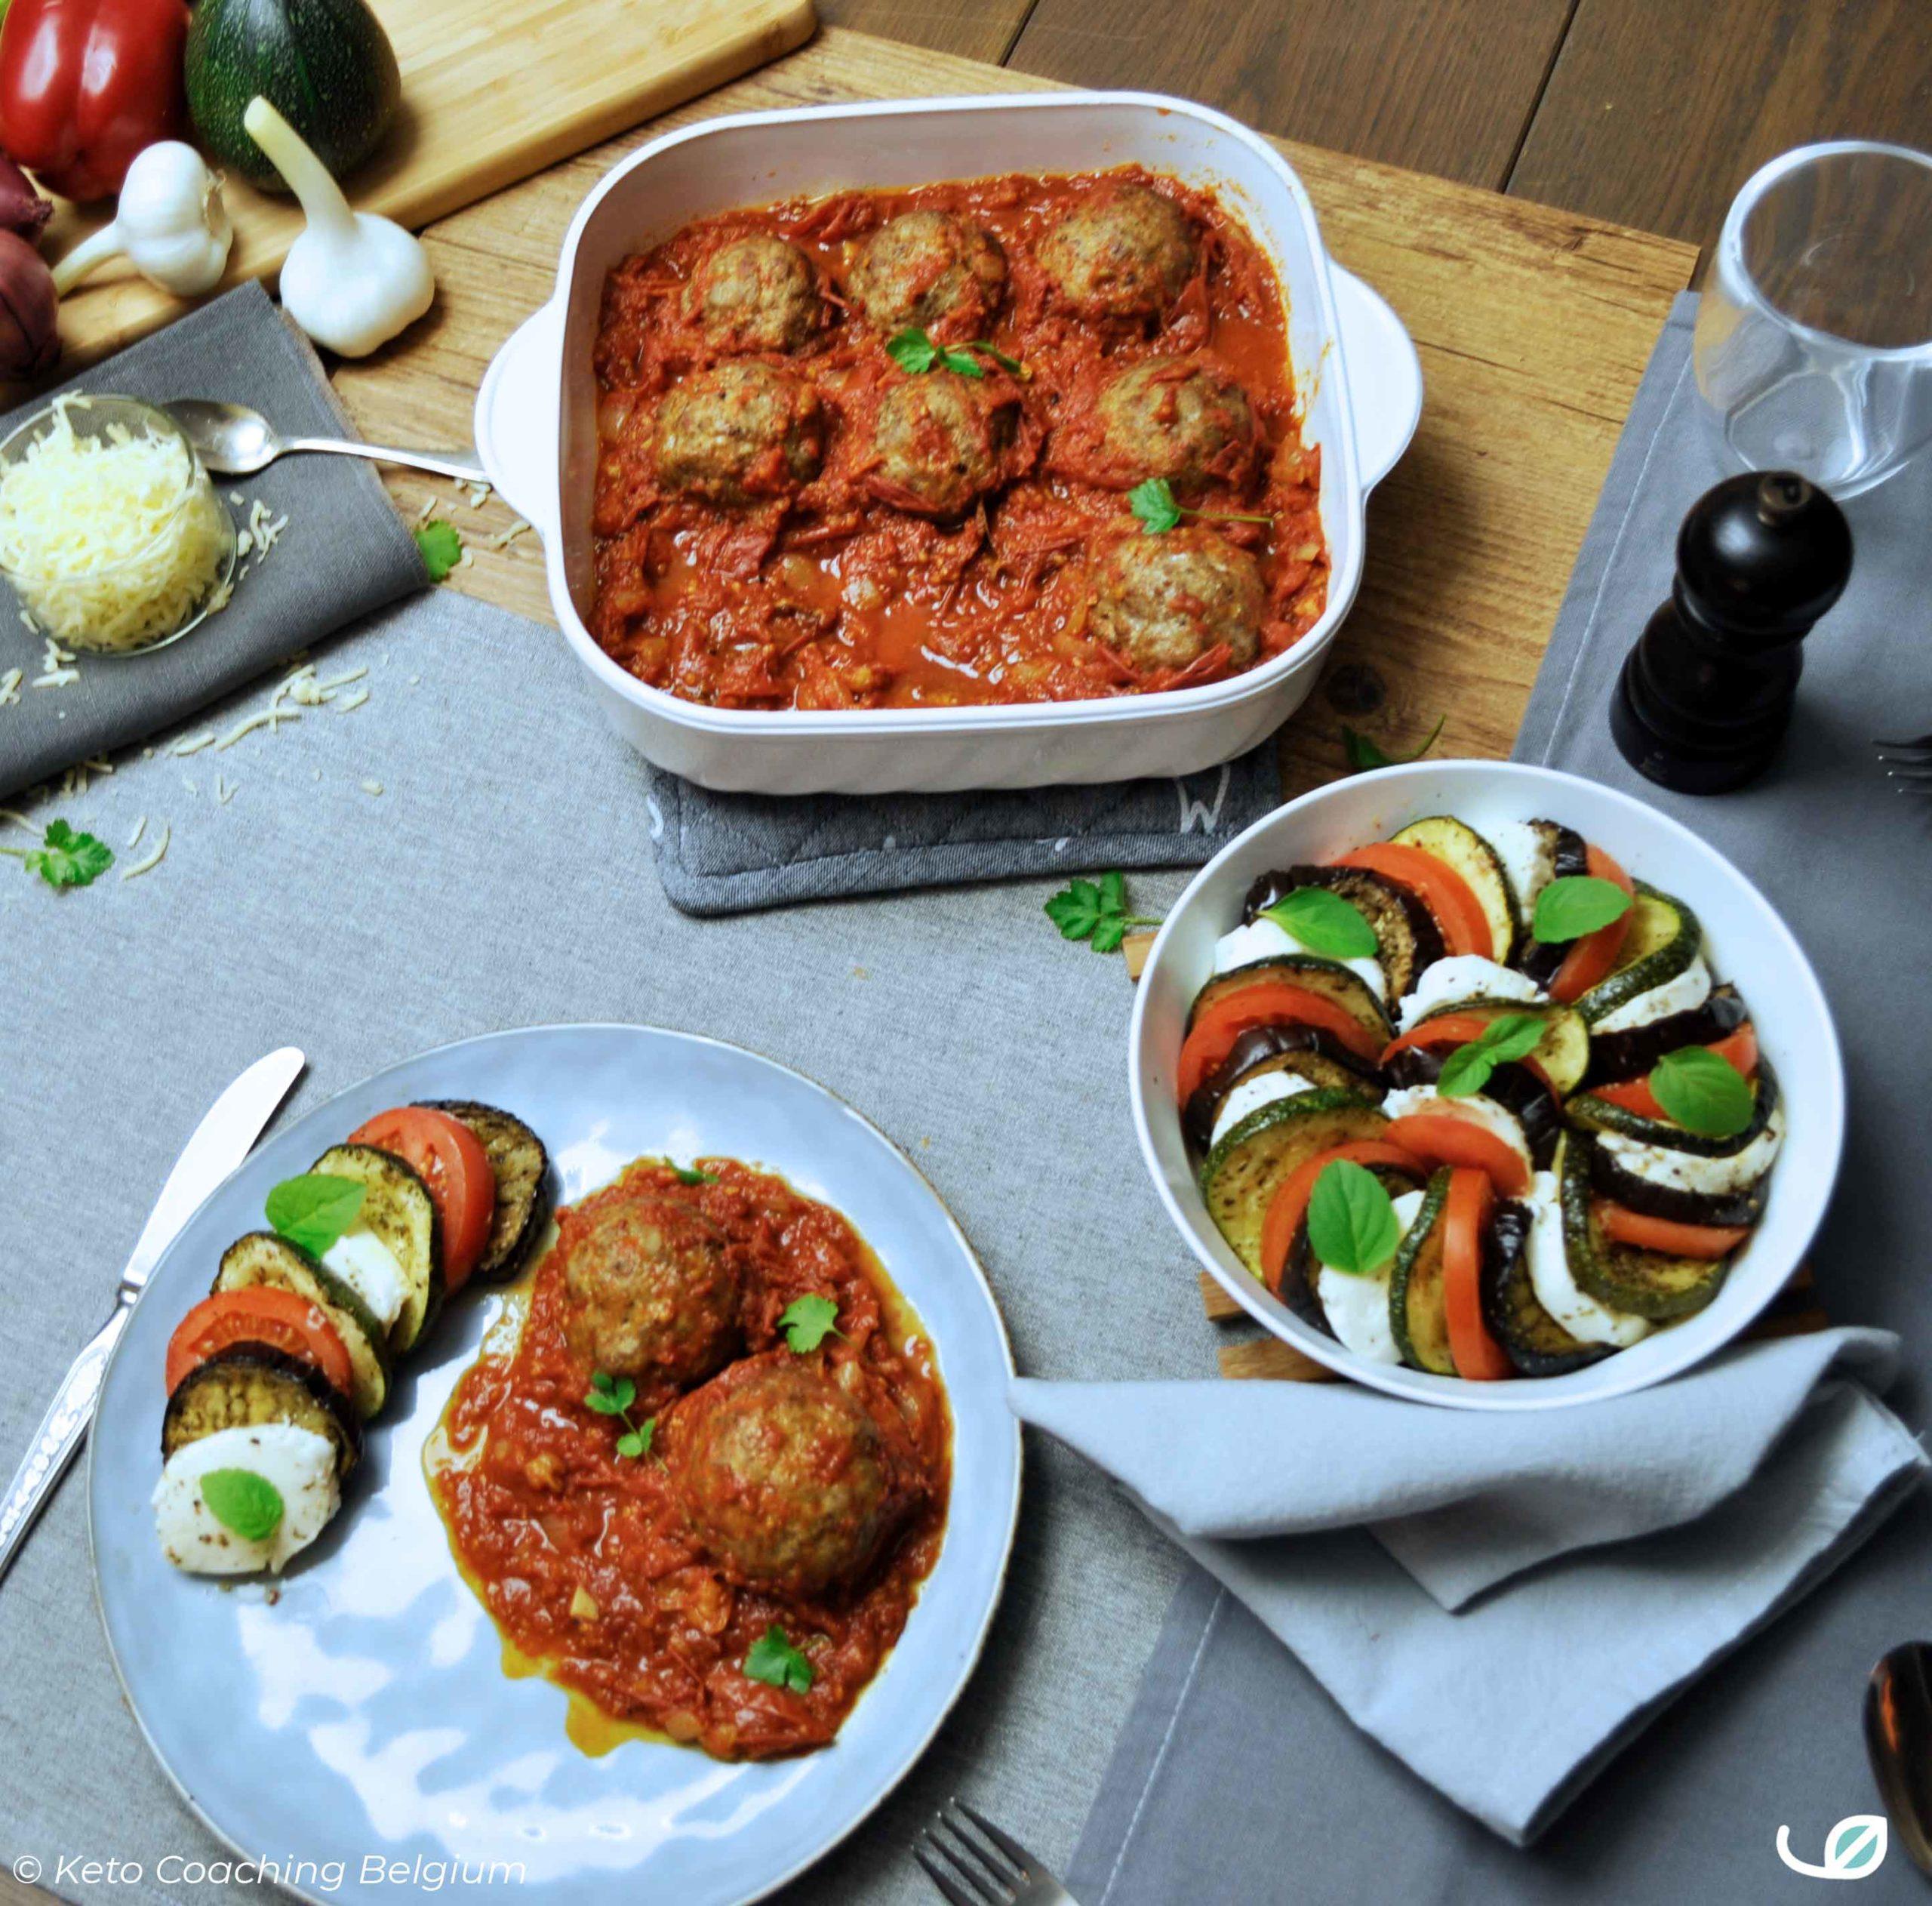 Keto Italiaanse gehaktballen in tomatensaus met lauwwarme salade caprese